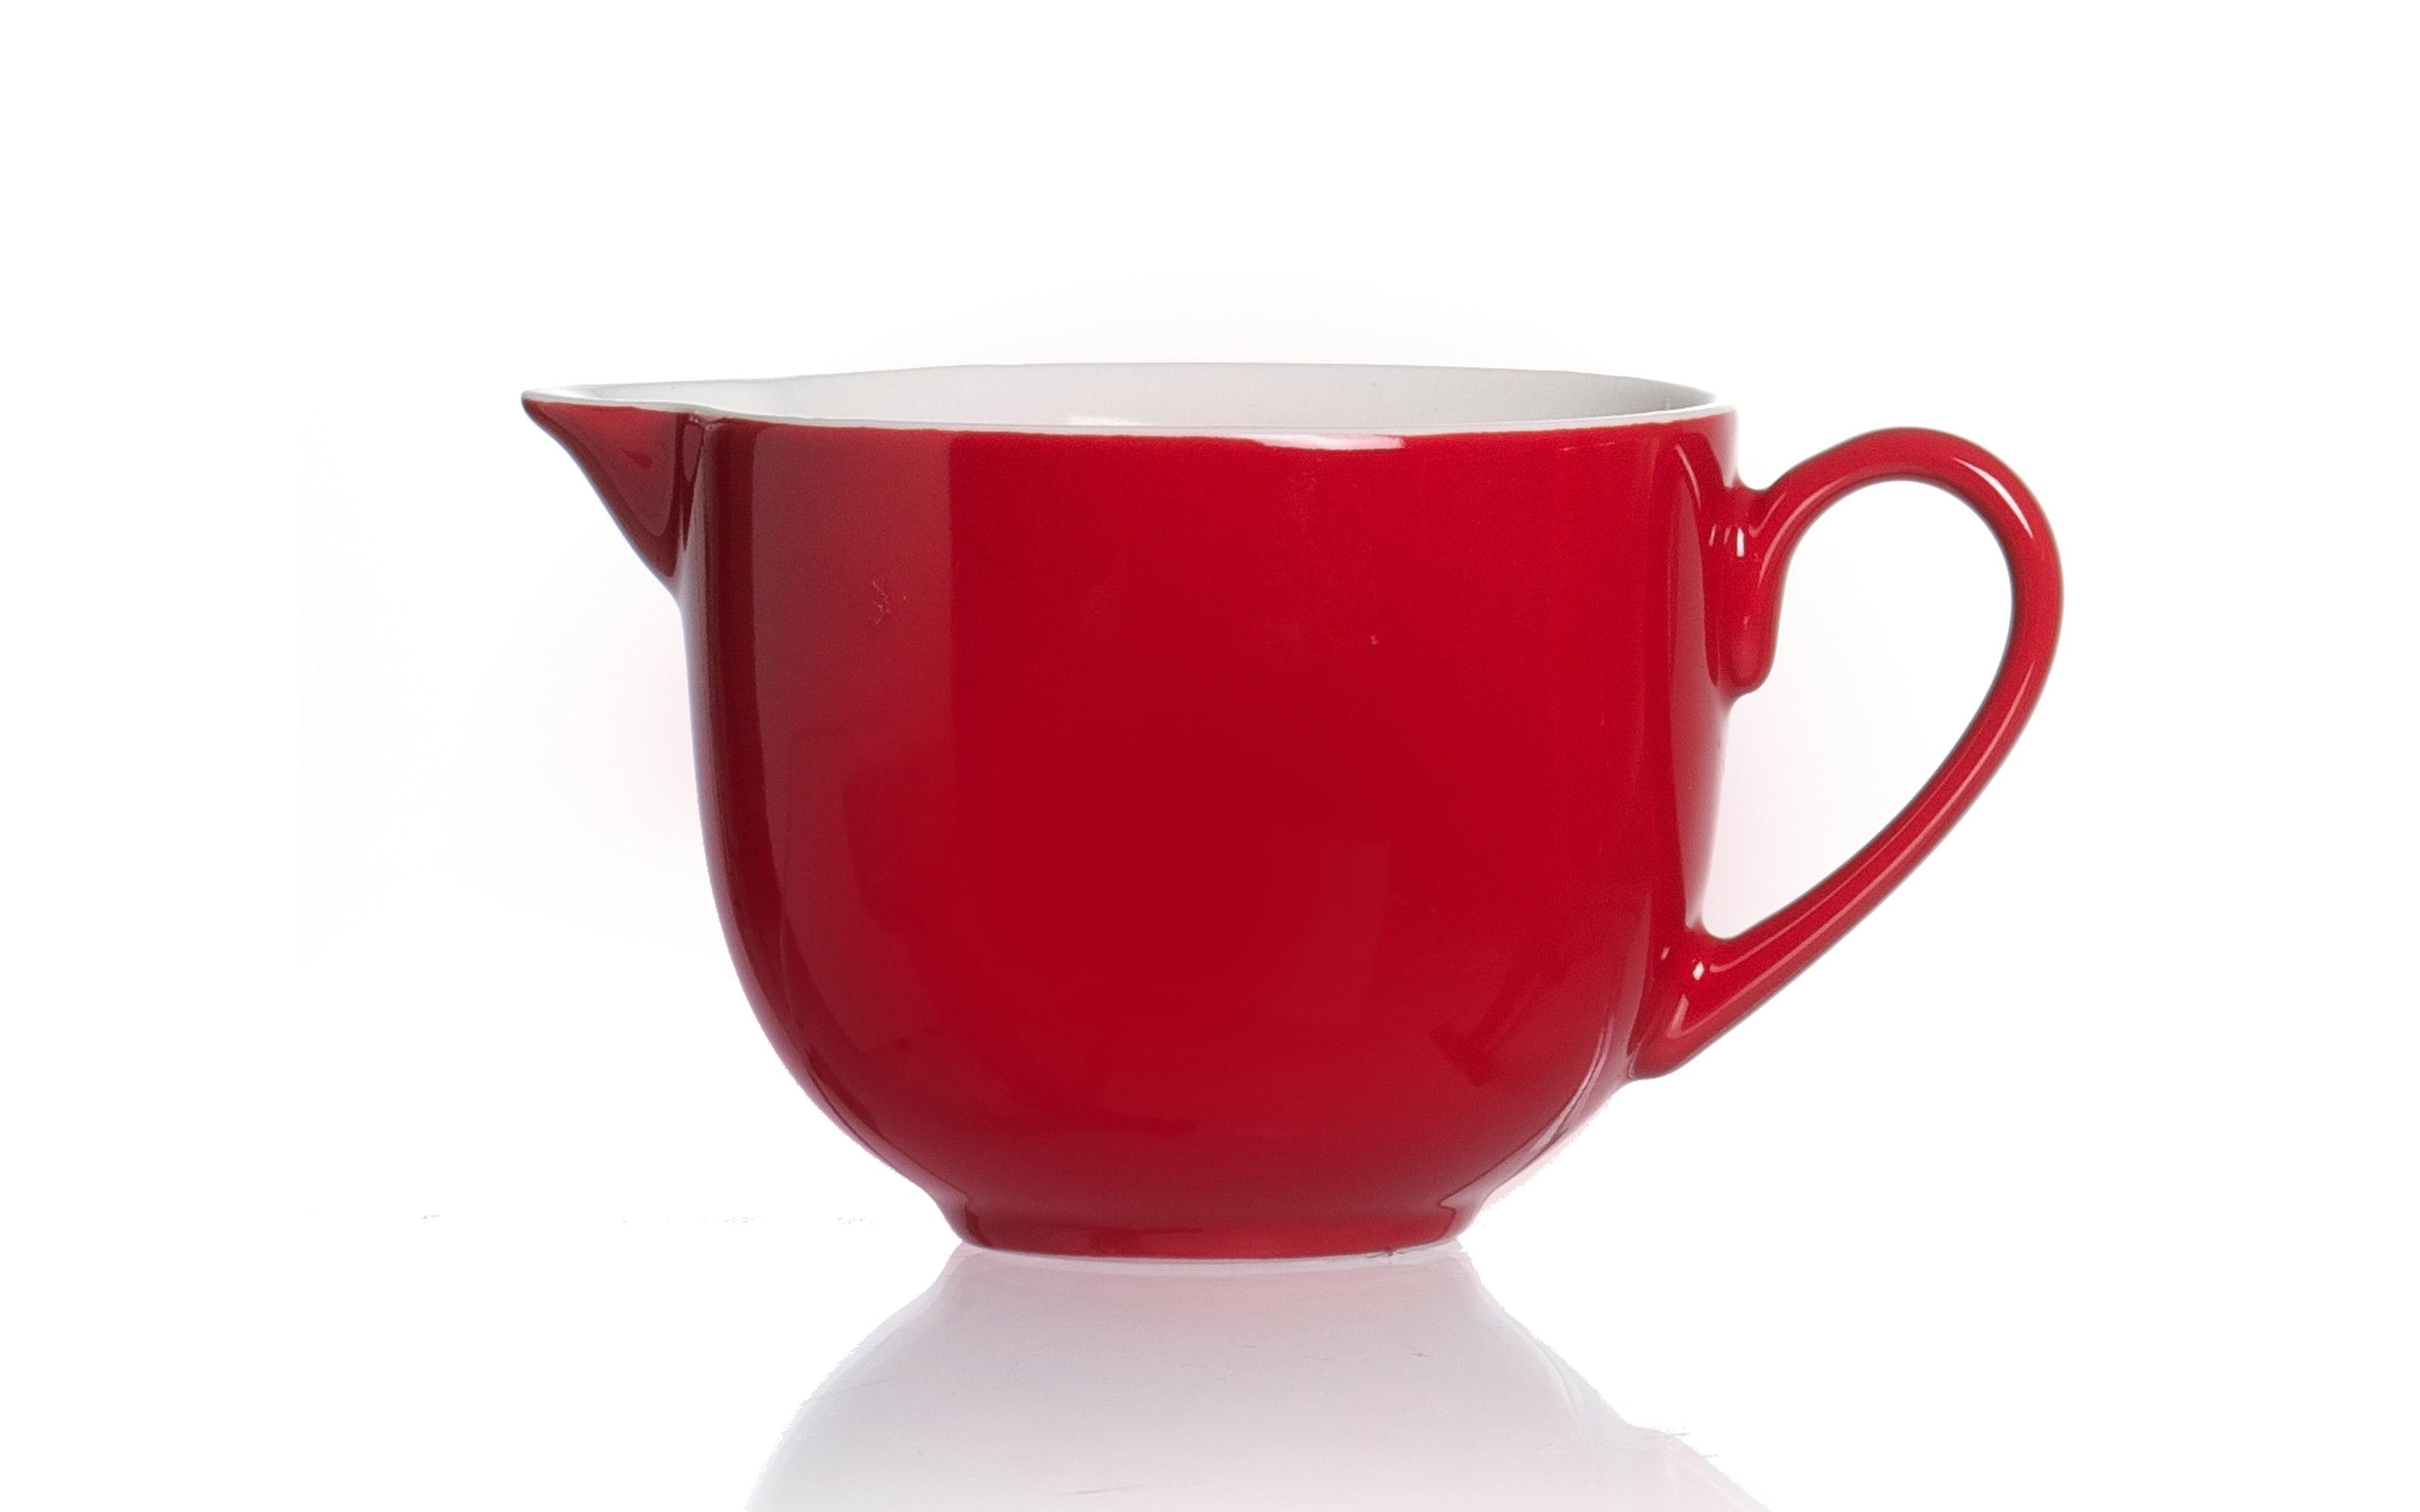 Milchkännchen Doppio in rot, 160 ml